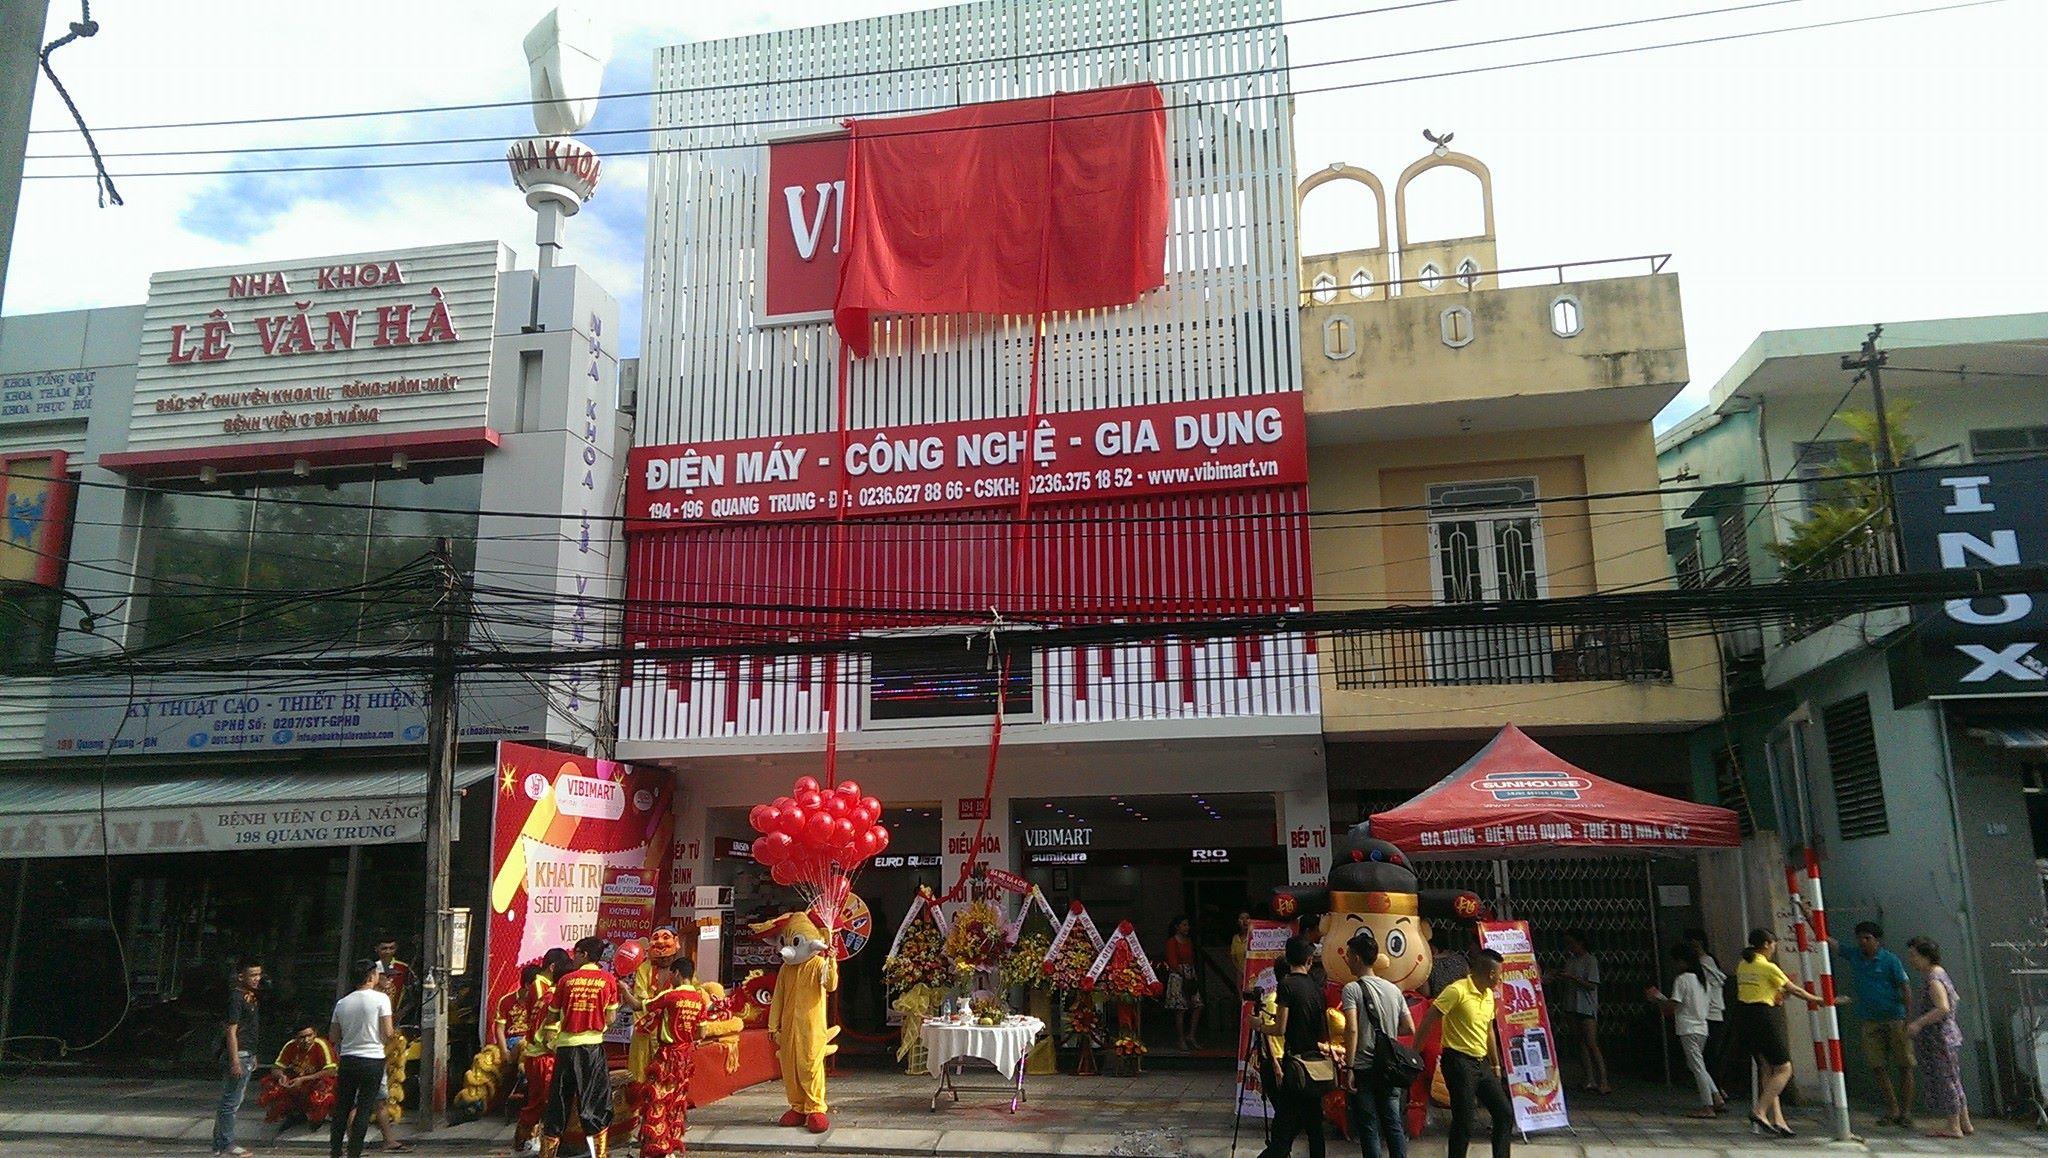 Siêu thị điện máy tại Đà Nẵng - Vibimart